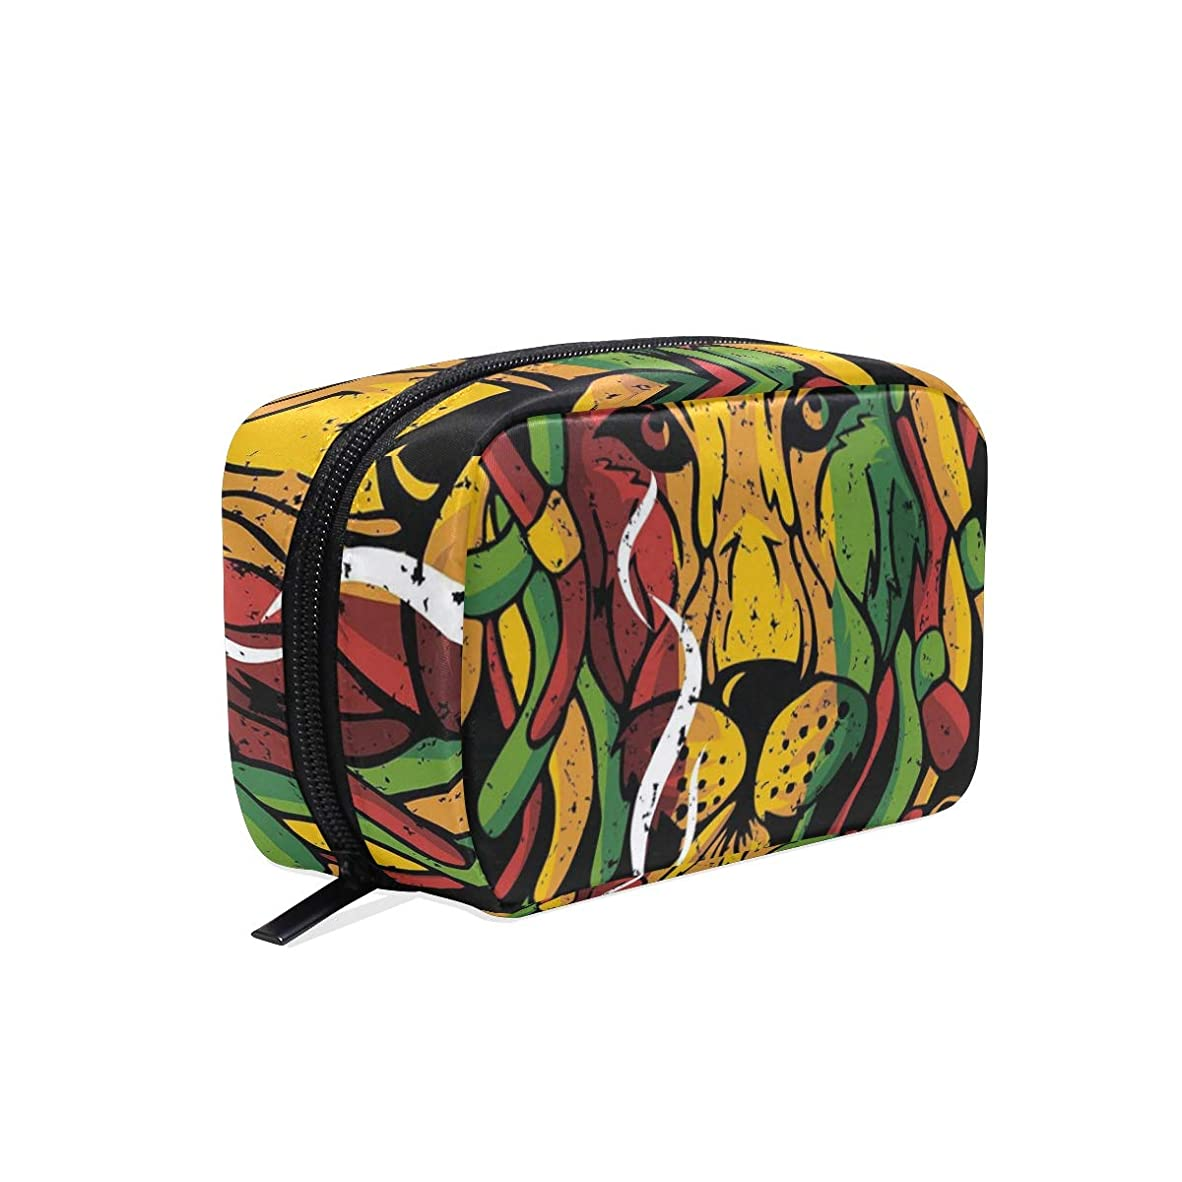 不道徳含める発表する芸術のライオンラスタ 化粧ポーチ メイクポーチ 機能的 大容量 化粧品収納 小物入れ 普段使い 出張 旅行 メイク ブラシ バッグ 化粧バッグ